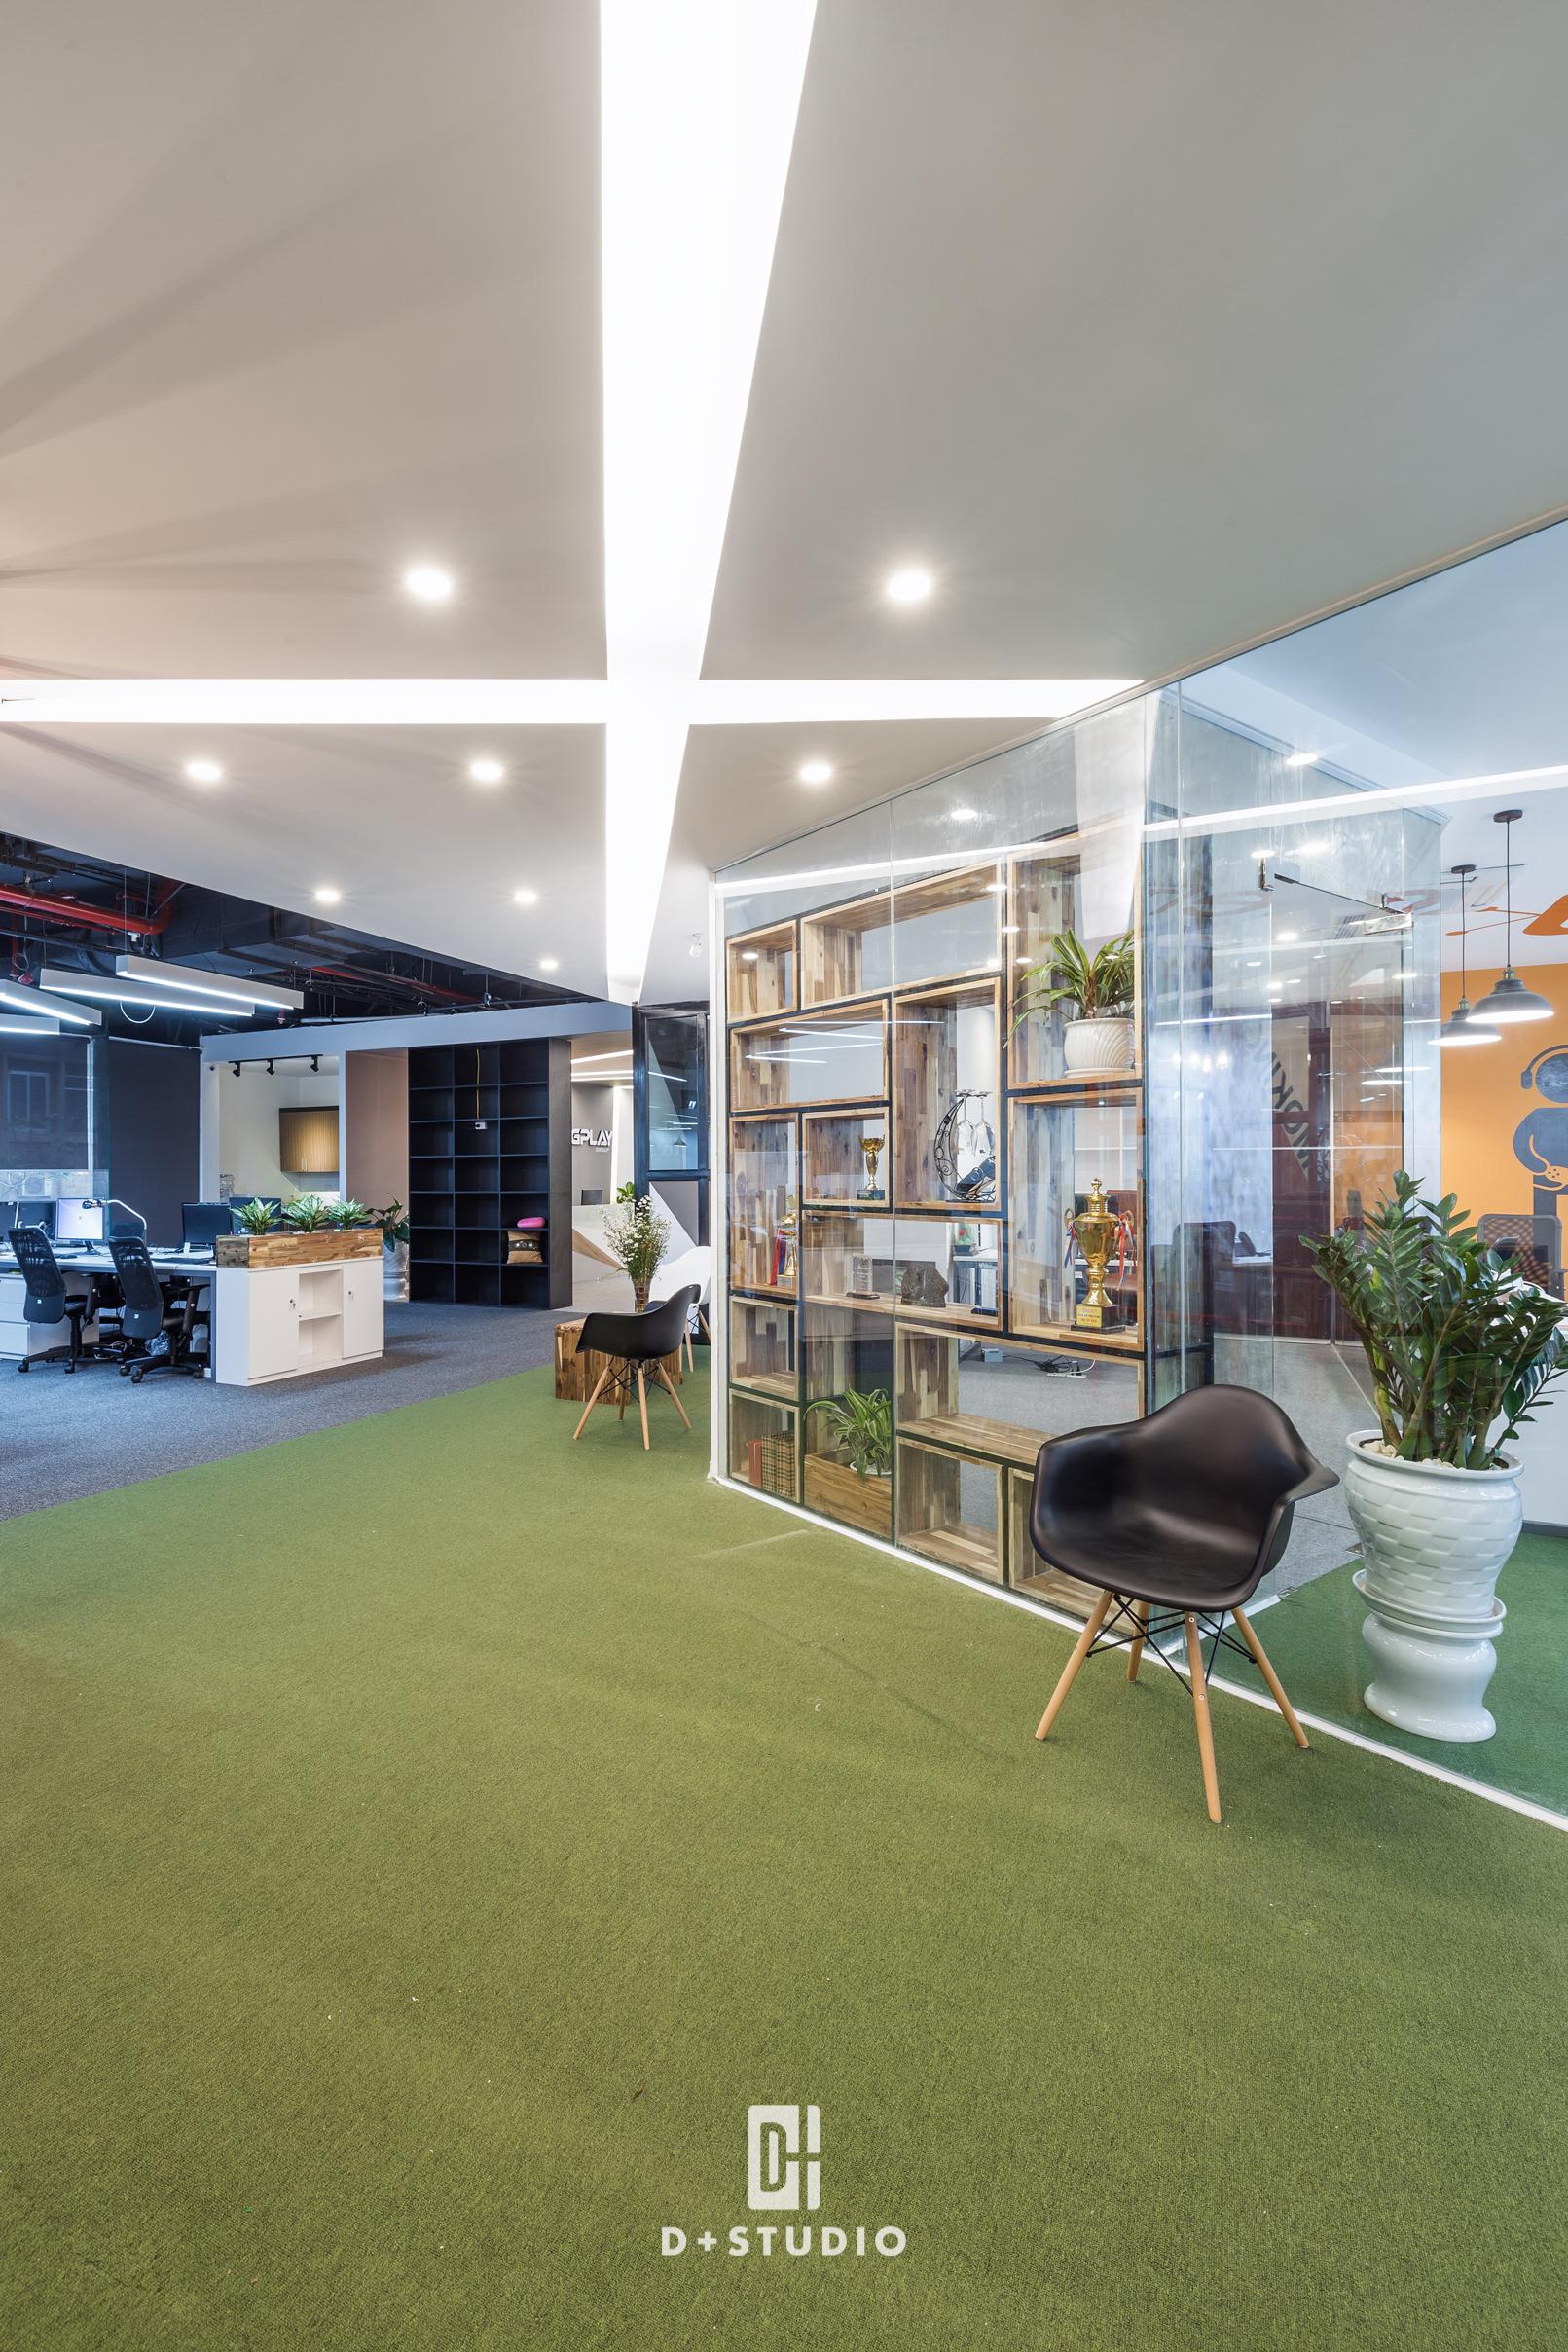 Tấm thảm xanh lá tại lối đi của F88 Play tạo cảm giác thoải mái, tươi mới như đang bước giữa đồng cỏ xanh mát cho cả không gian văn phòng